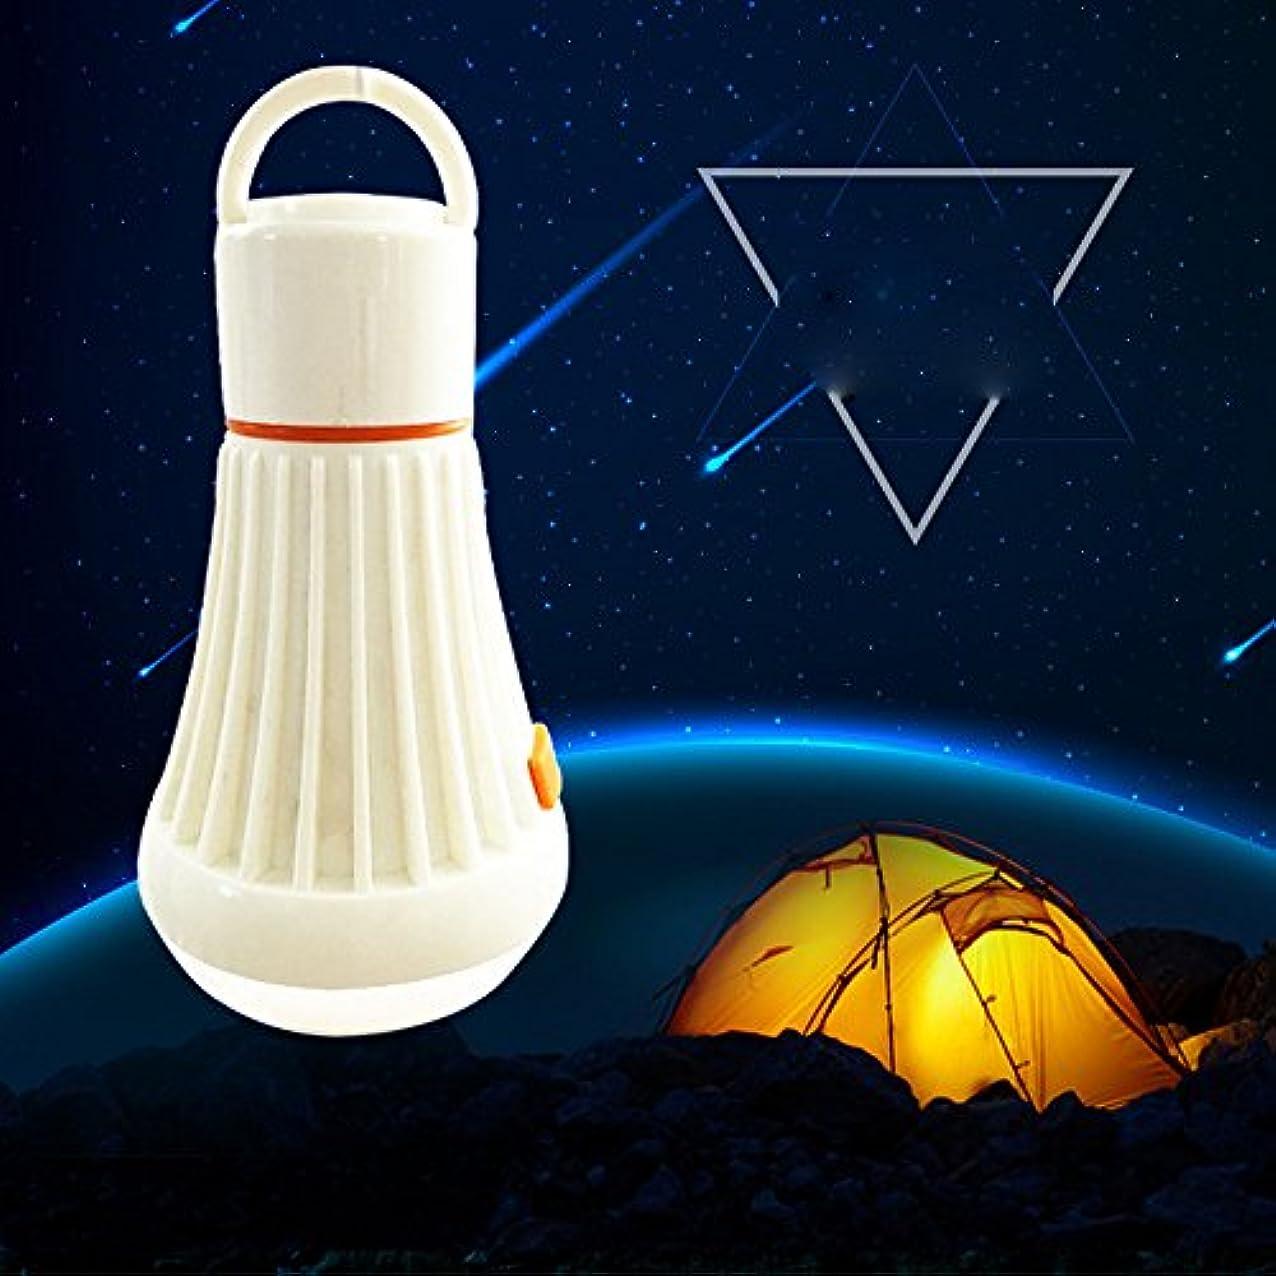 収益ホース談話LED ランタン テントライト 屋外テントライト アウトドア キャンプ用